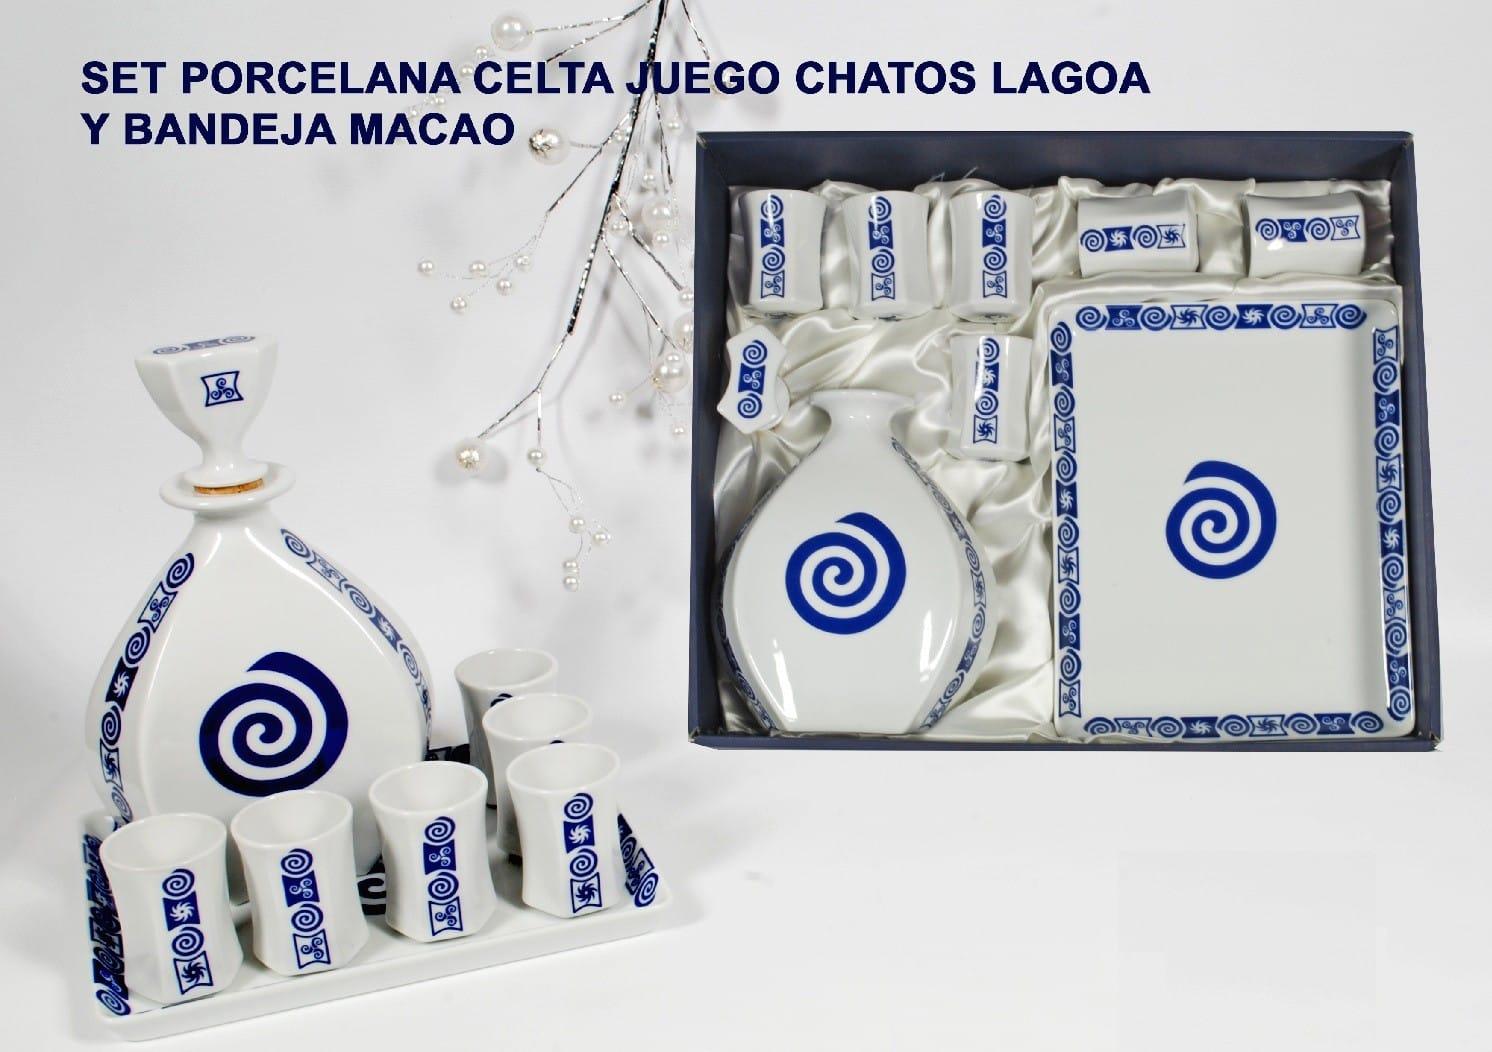 Set de chatos Lagoa, botella y bandeja Macao col. Celta